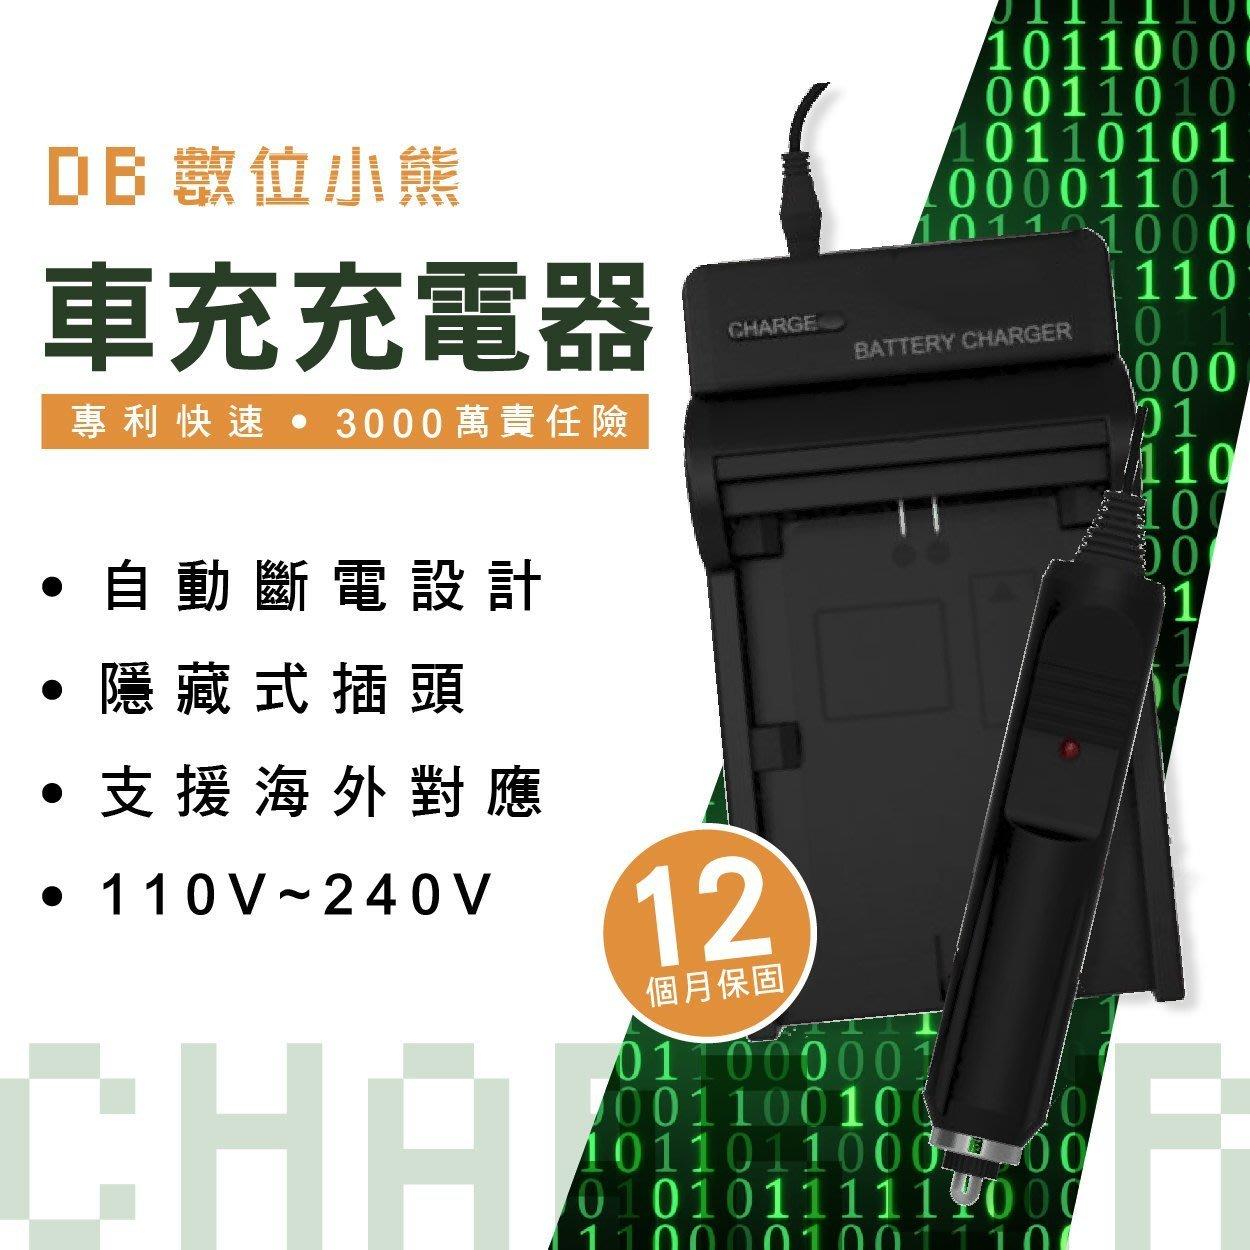 【數位小熊】FOR KONICA NP-900 車充 充電器 CS-5530 CS-5531 CS-6531